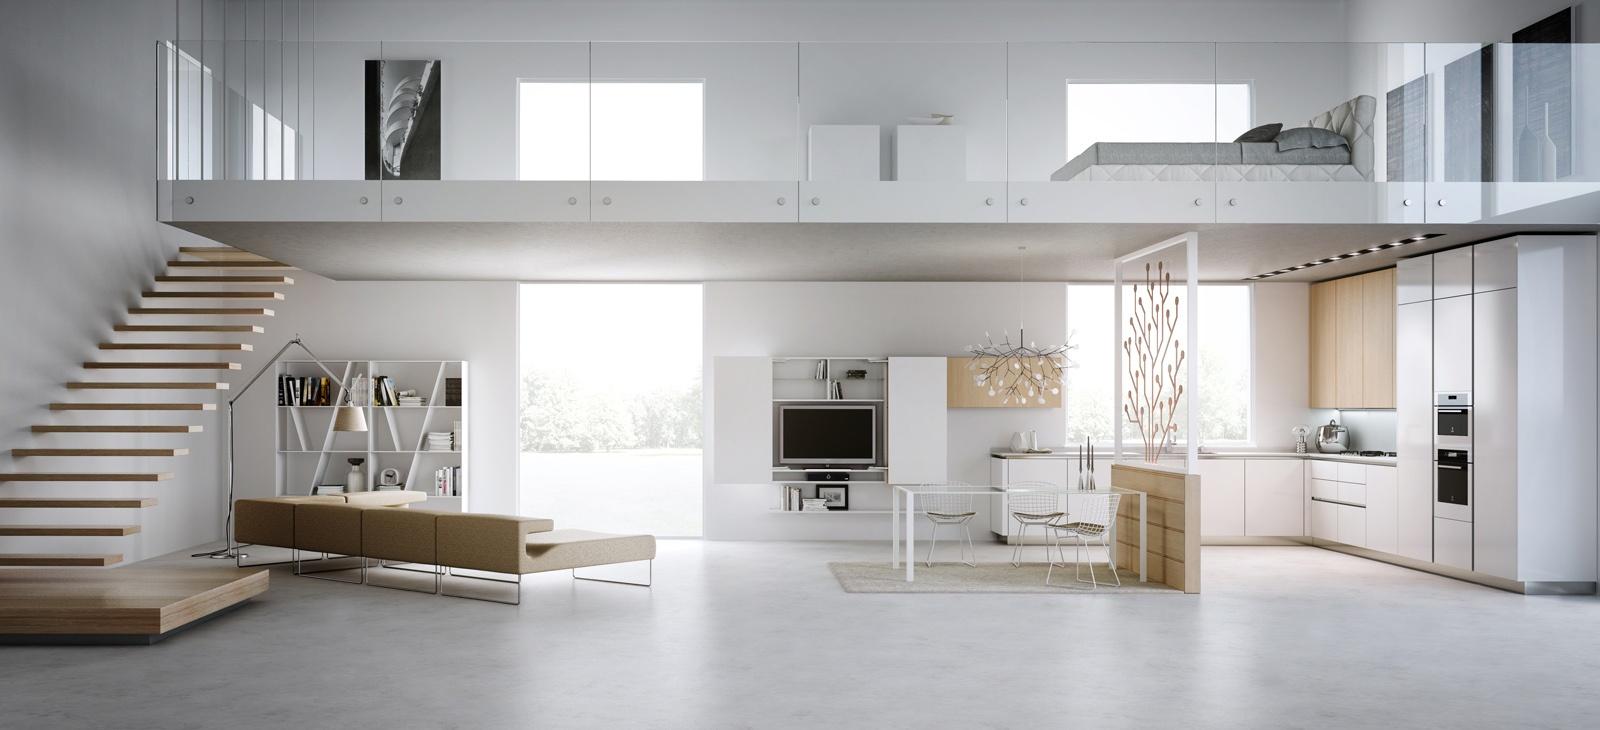 Loft un estilo de vida for Decoracion estilo loft